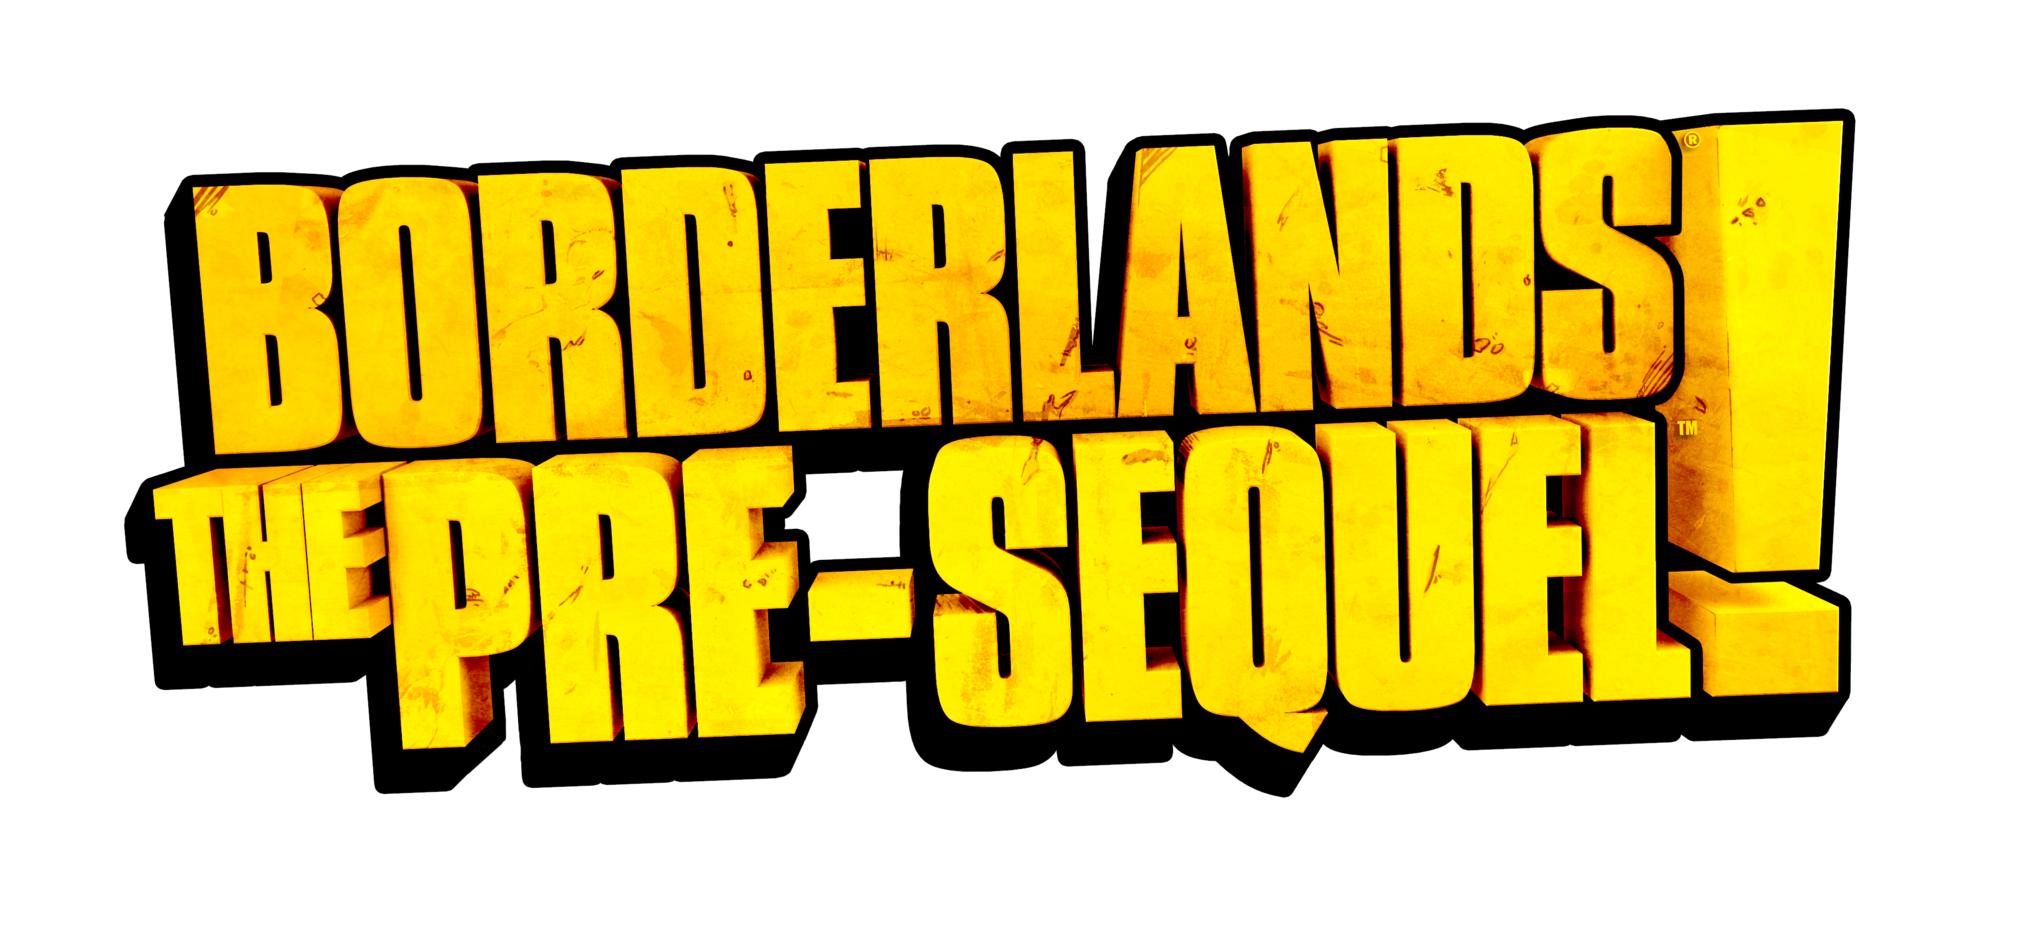 Resultado de imagem para Borderlands: The Pre-Sequel logo png